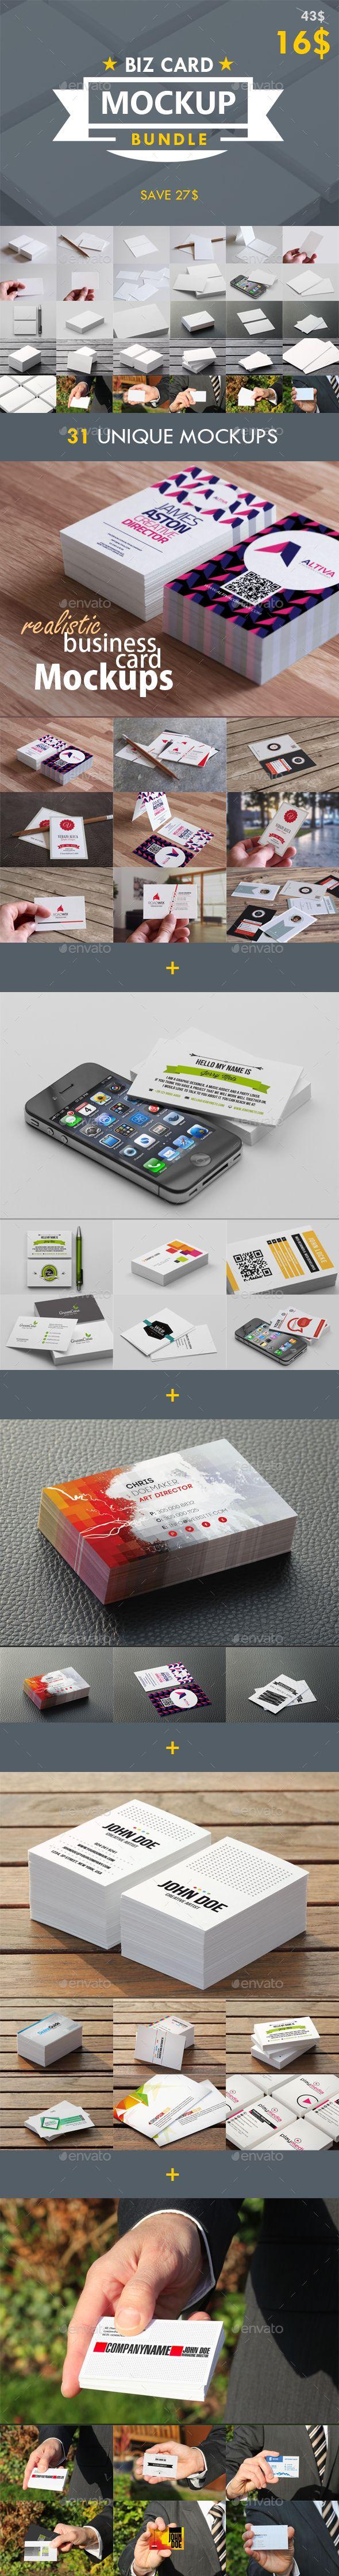 Business card mockup bundle pinterest mock up business cards business card mockup bundle business cards print reheart Images